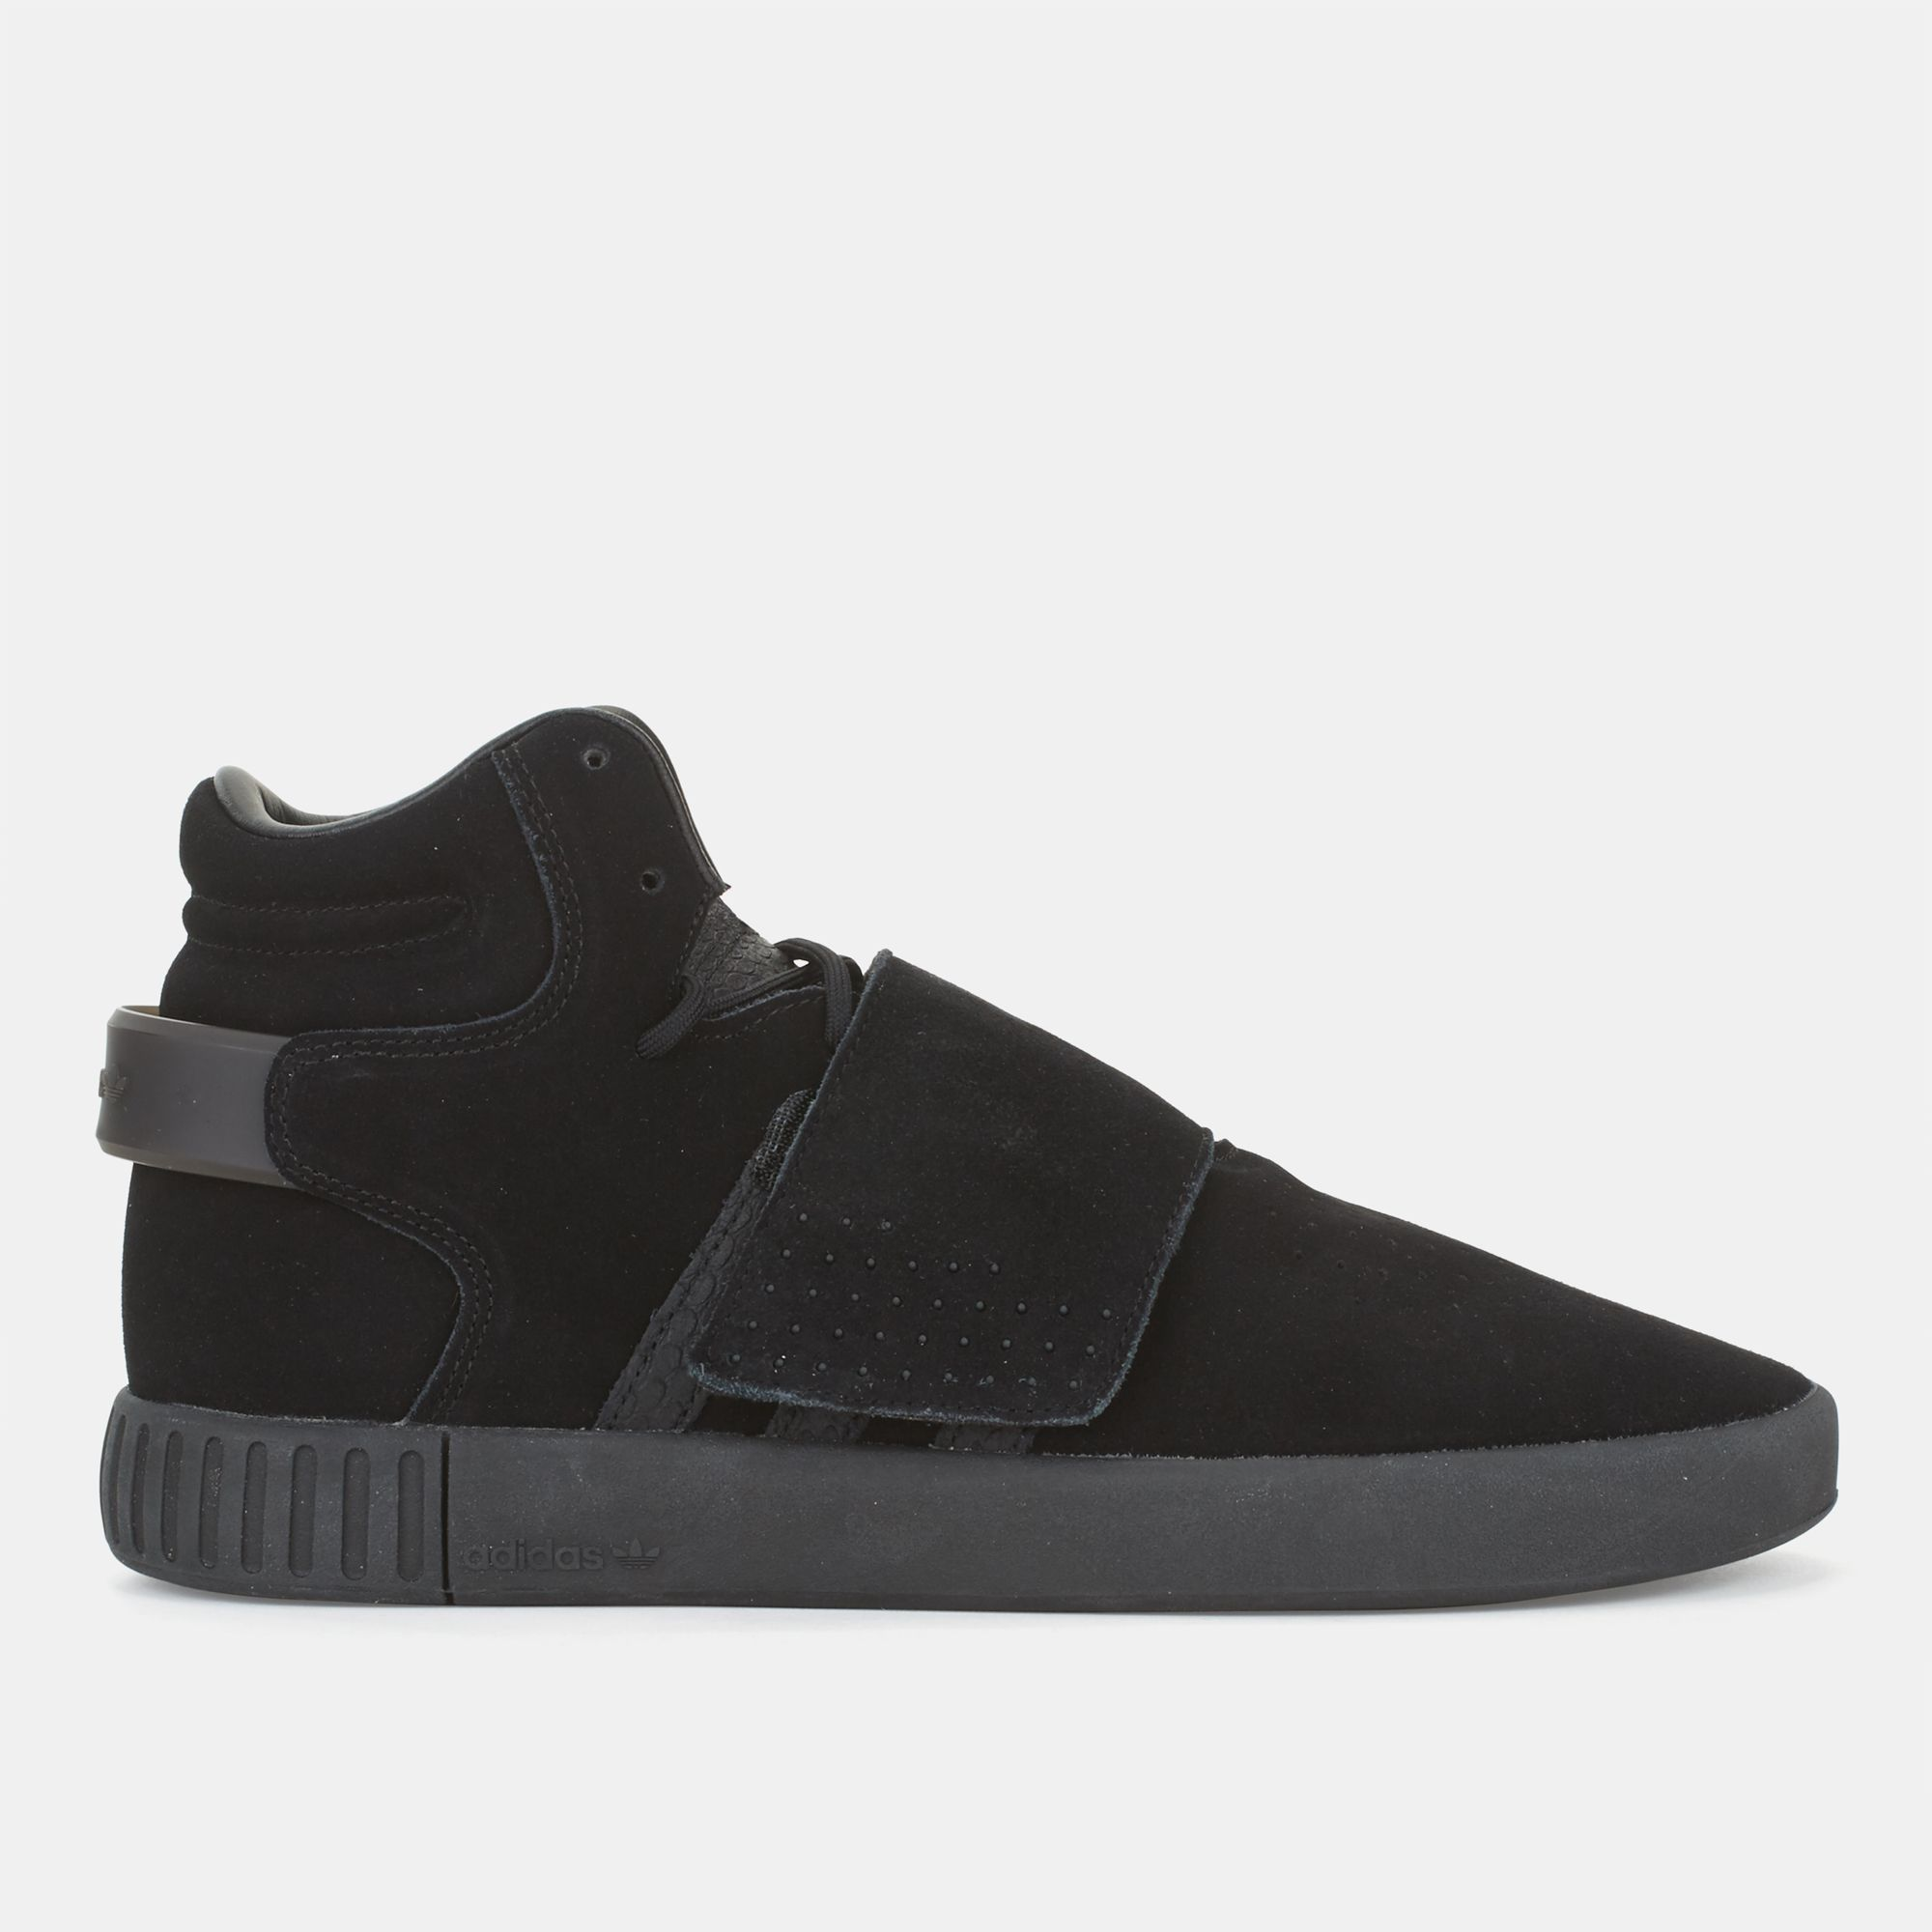 negozio nero adidas originali tubulare invasore cinghia per gli uomini da scarpa